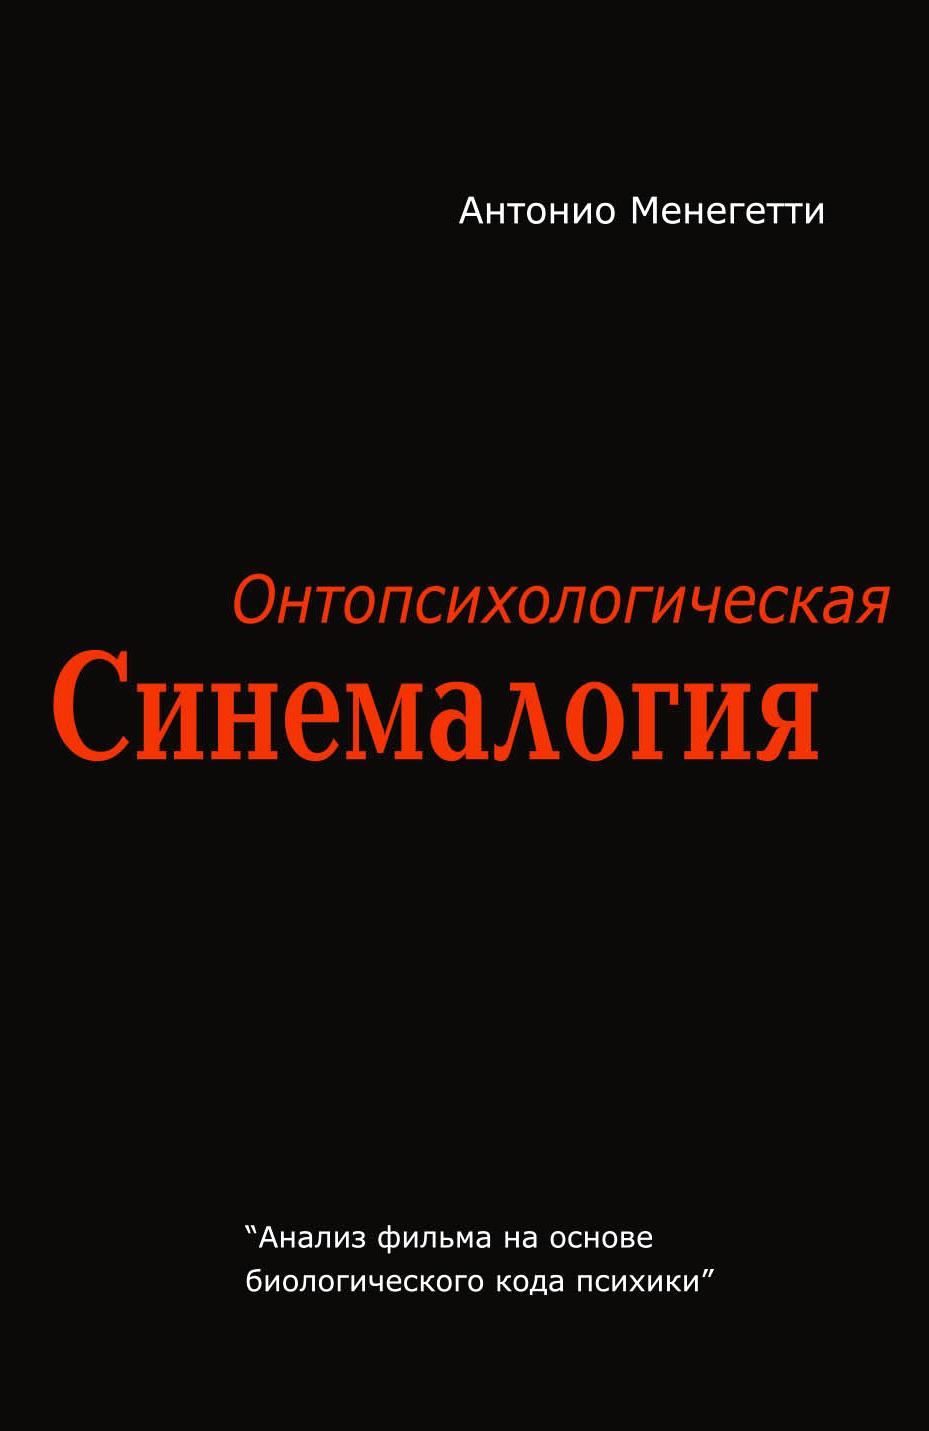 Купить книгу Онтопсихологическая синемалогия, автора Антонио Менегетти